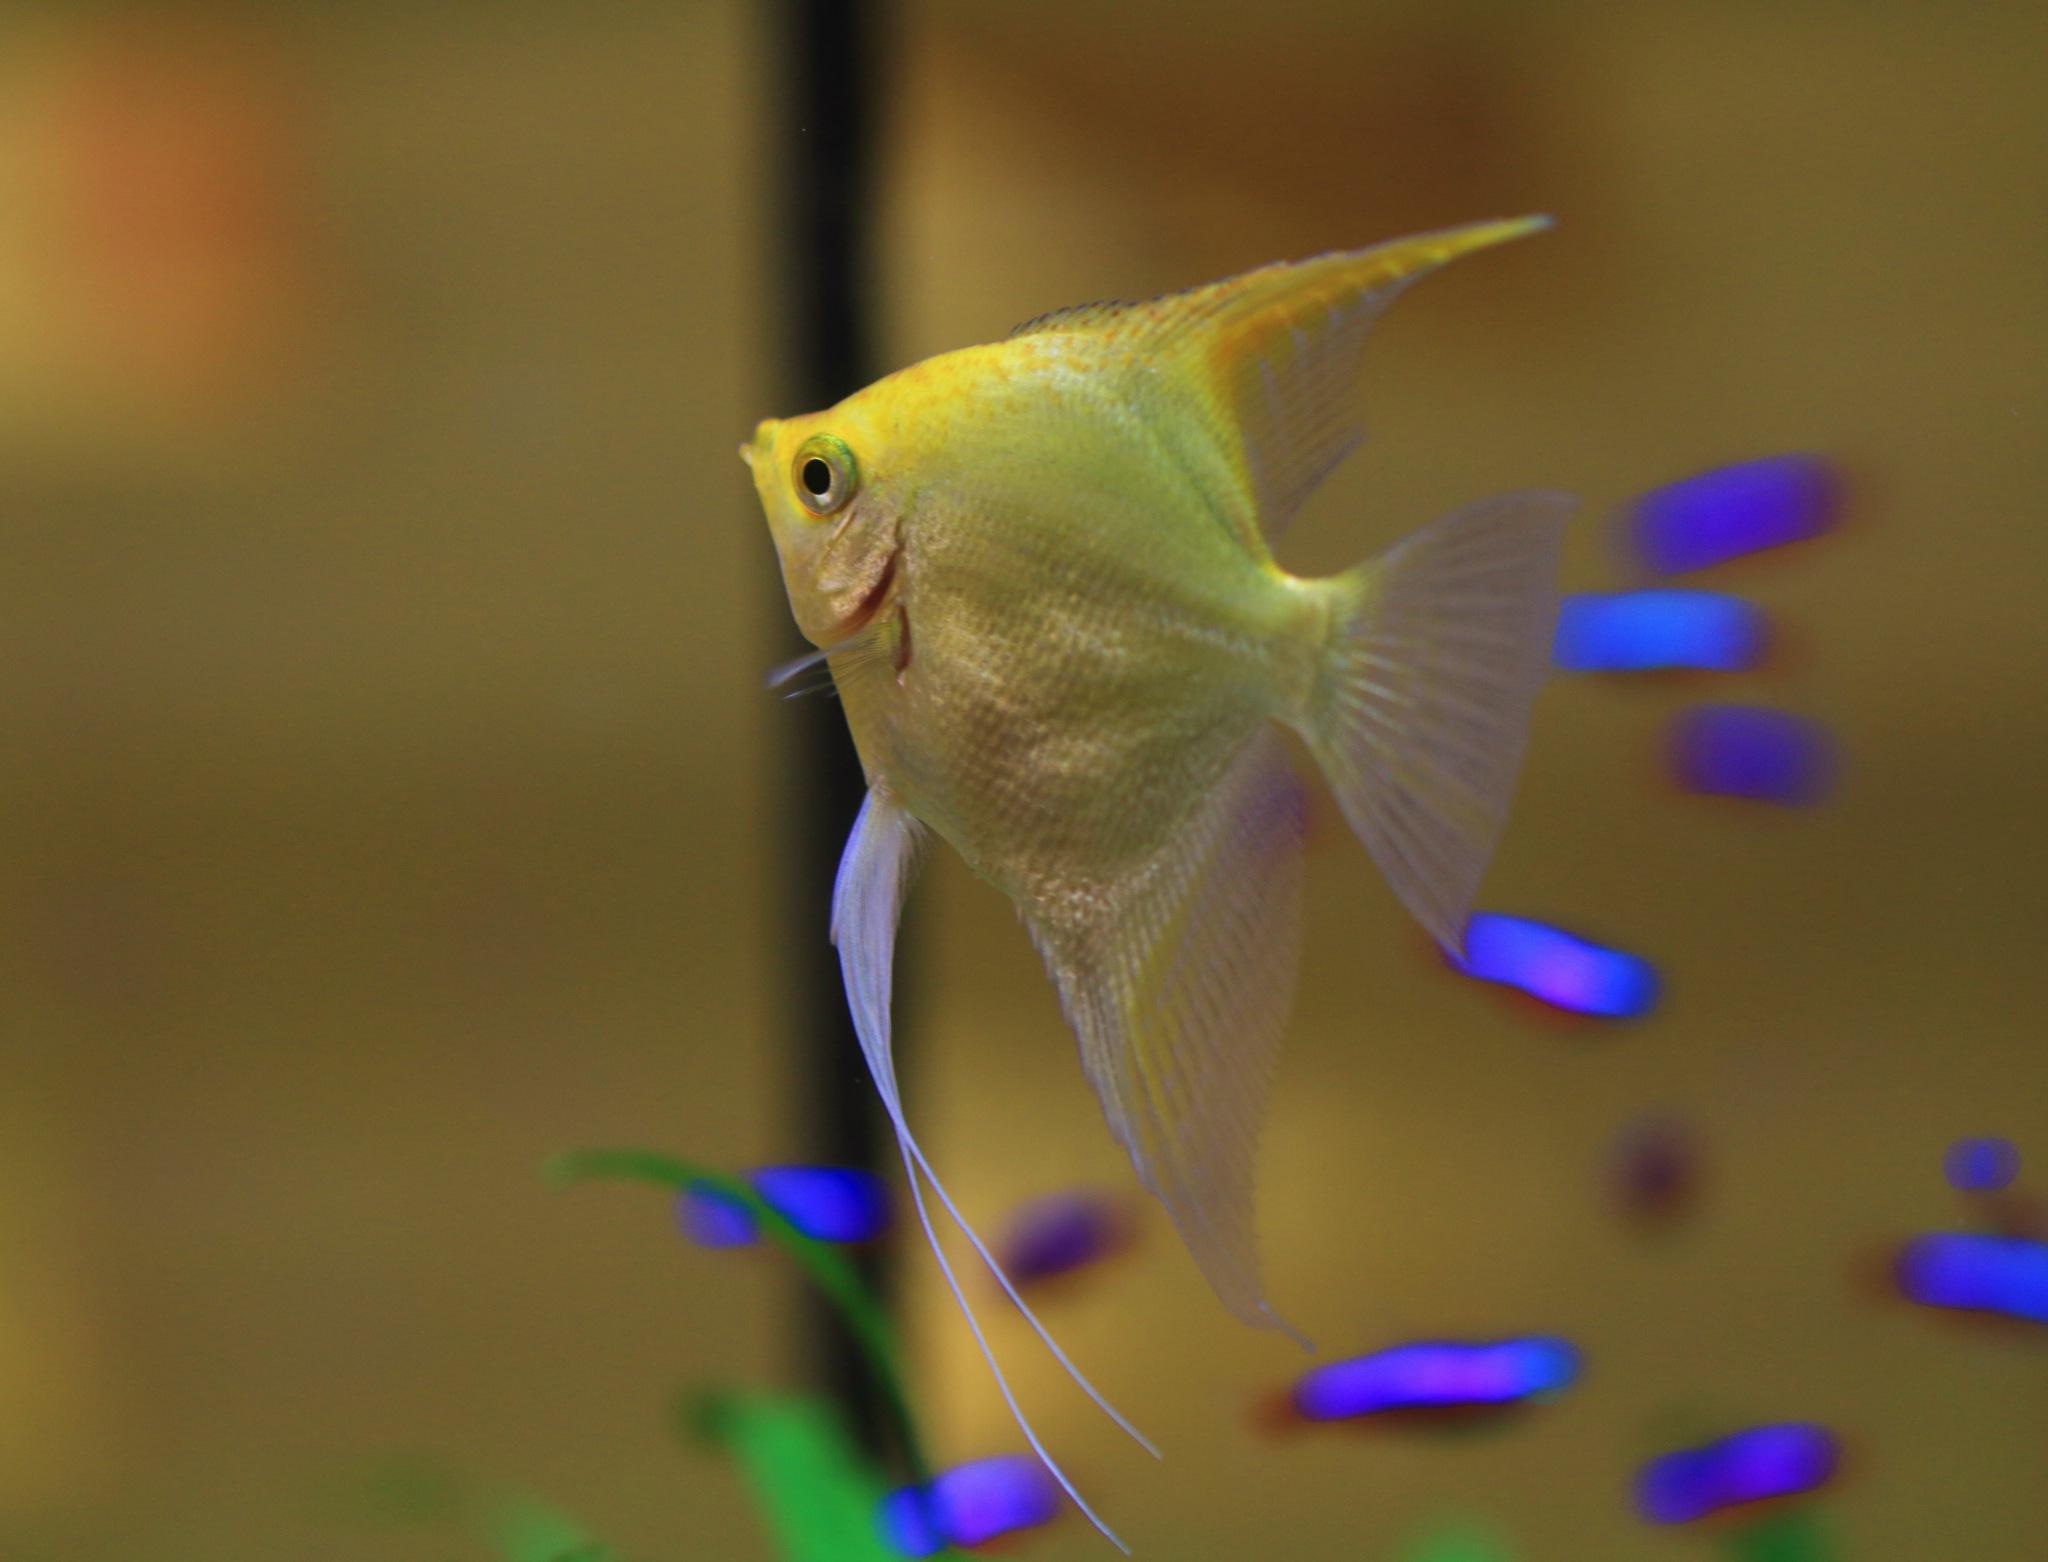 Fish by paul_wallen